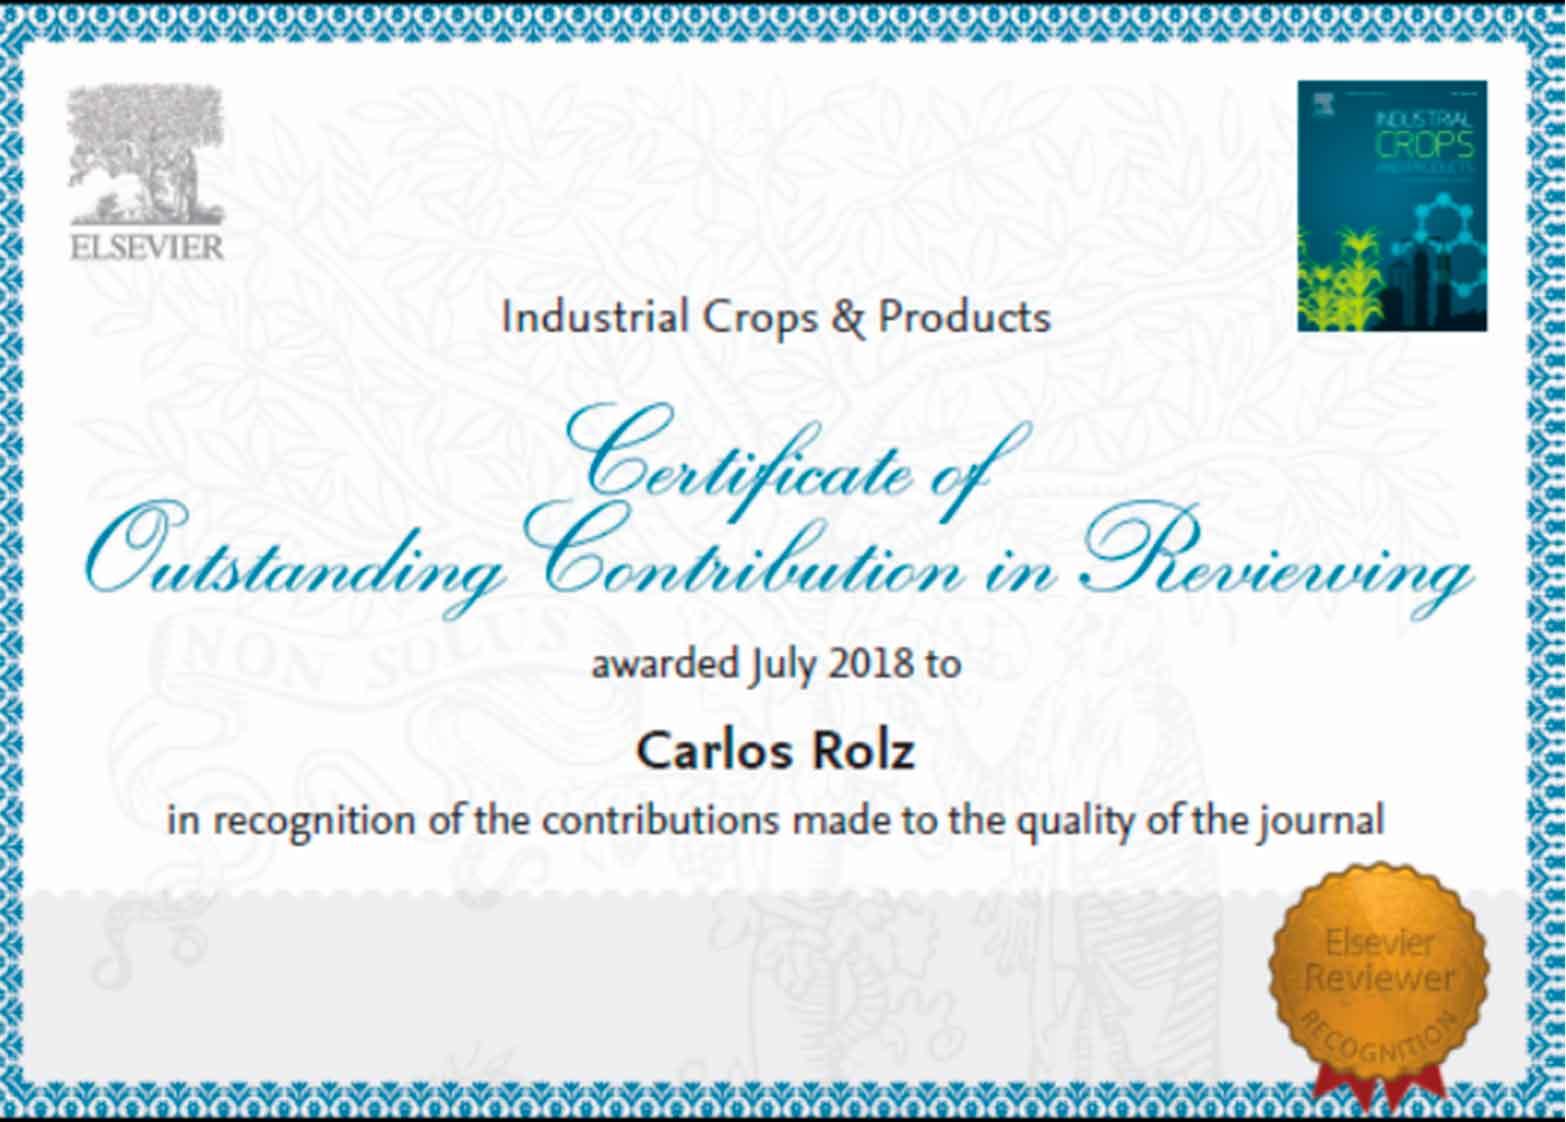 Carlos Rolz y su aporte en la revisión de revistas científicas internacionales